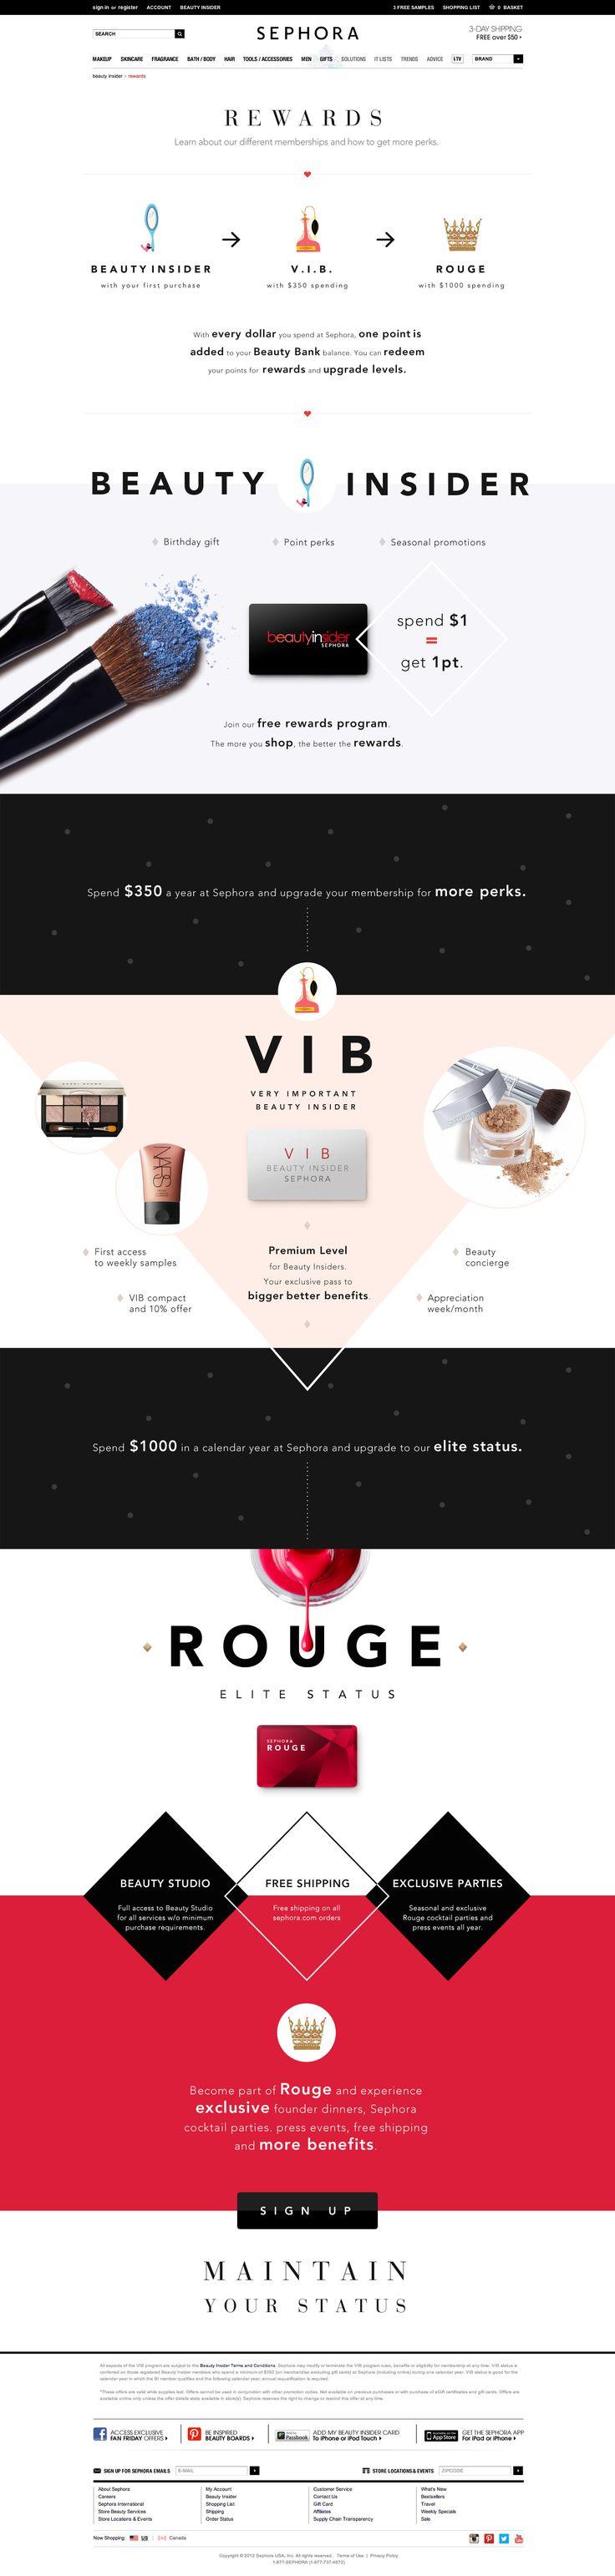 Sephora Rewards page